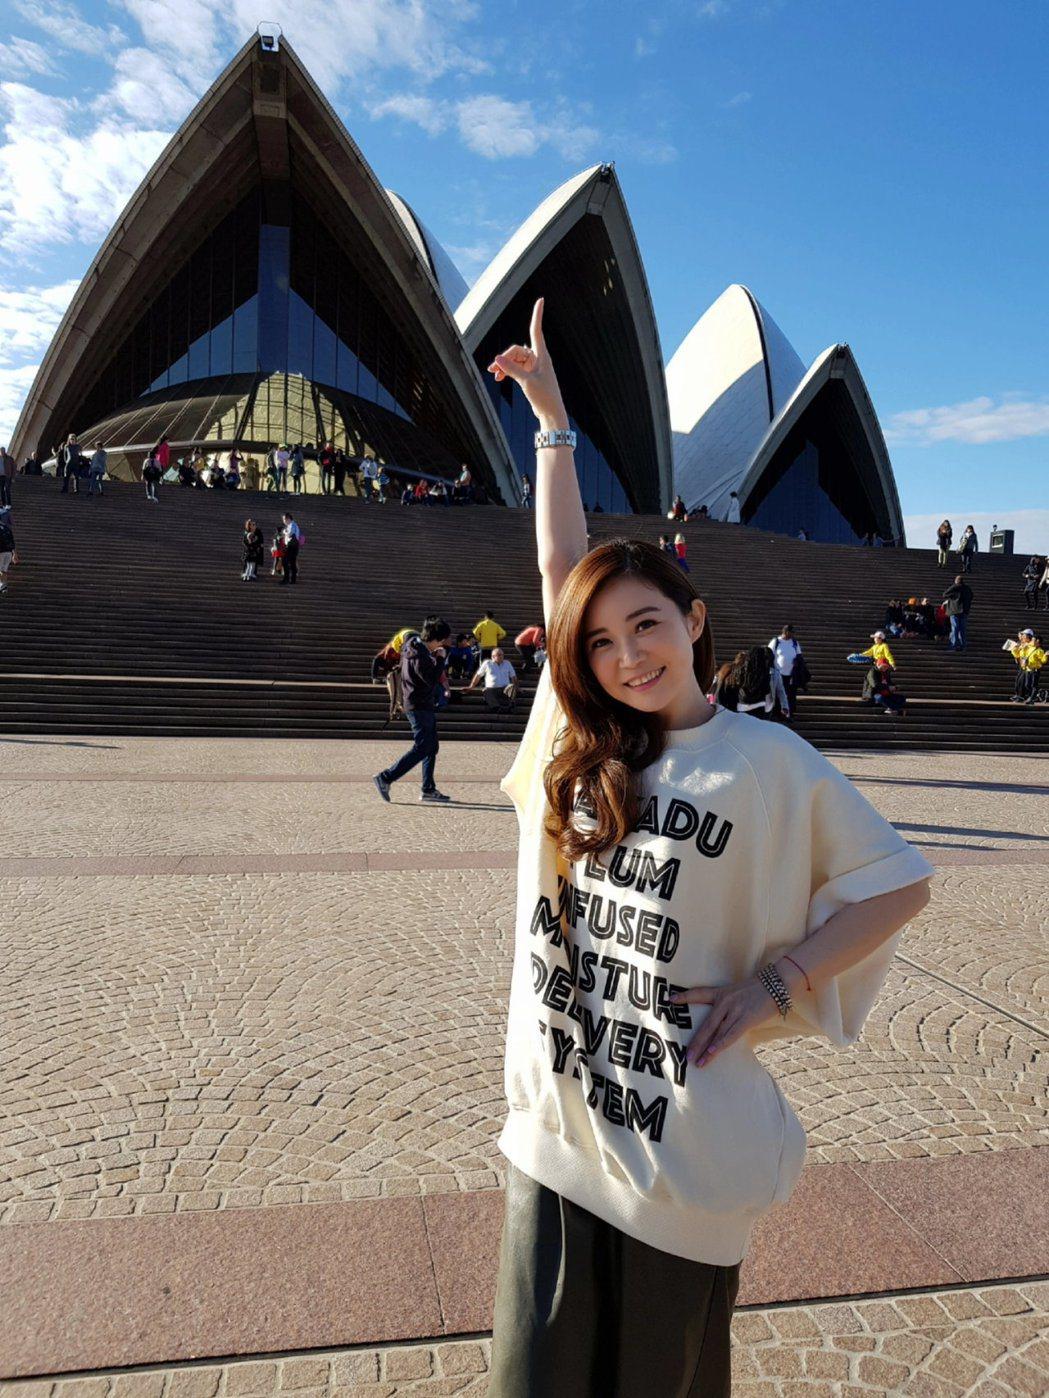 黃思婷在澳洲開唱,順便遊覽。圖/豪記提供